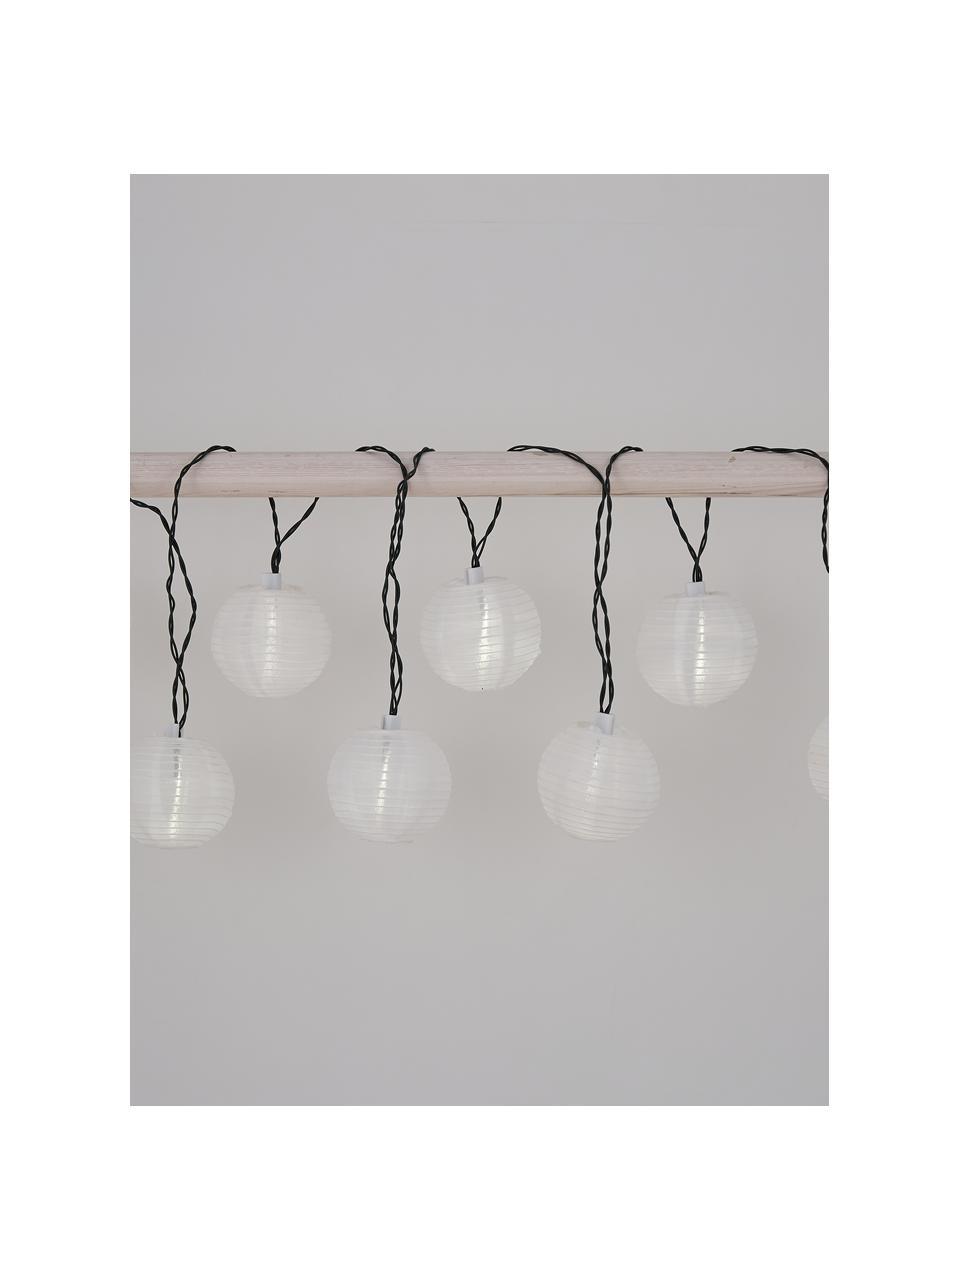 Solární světelný řetěz Kosmos, 430 cm, 10 lampiček, Černá, bílá